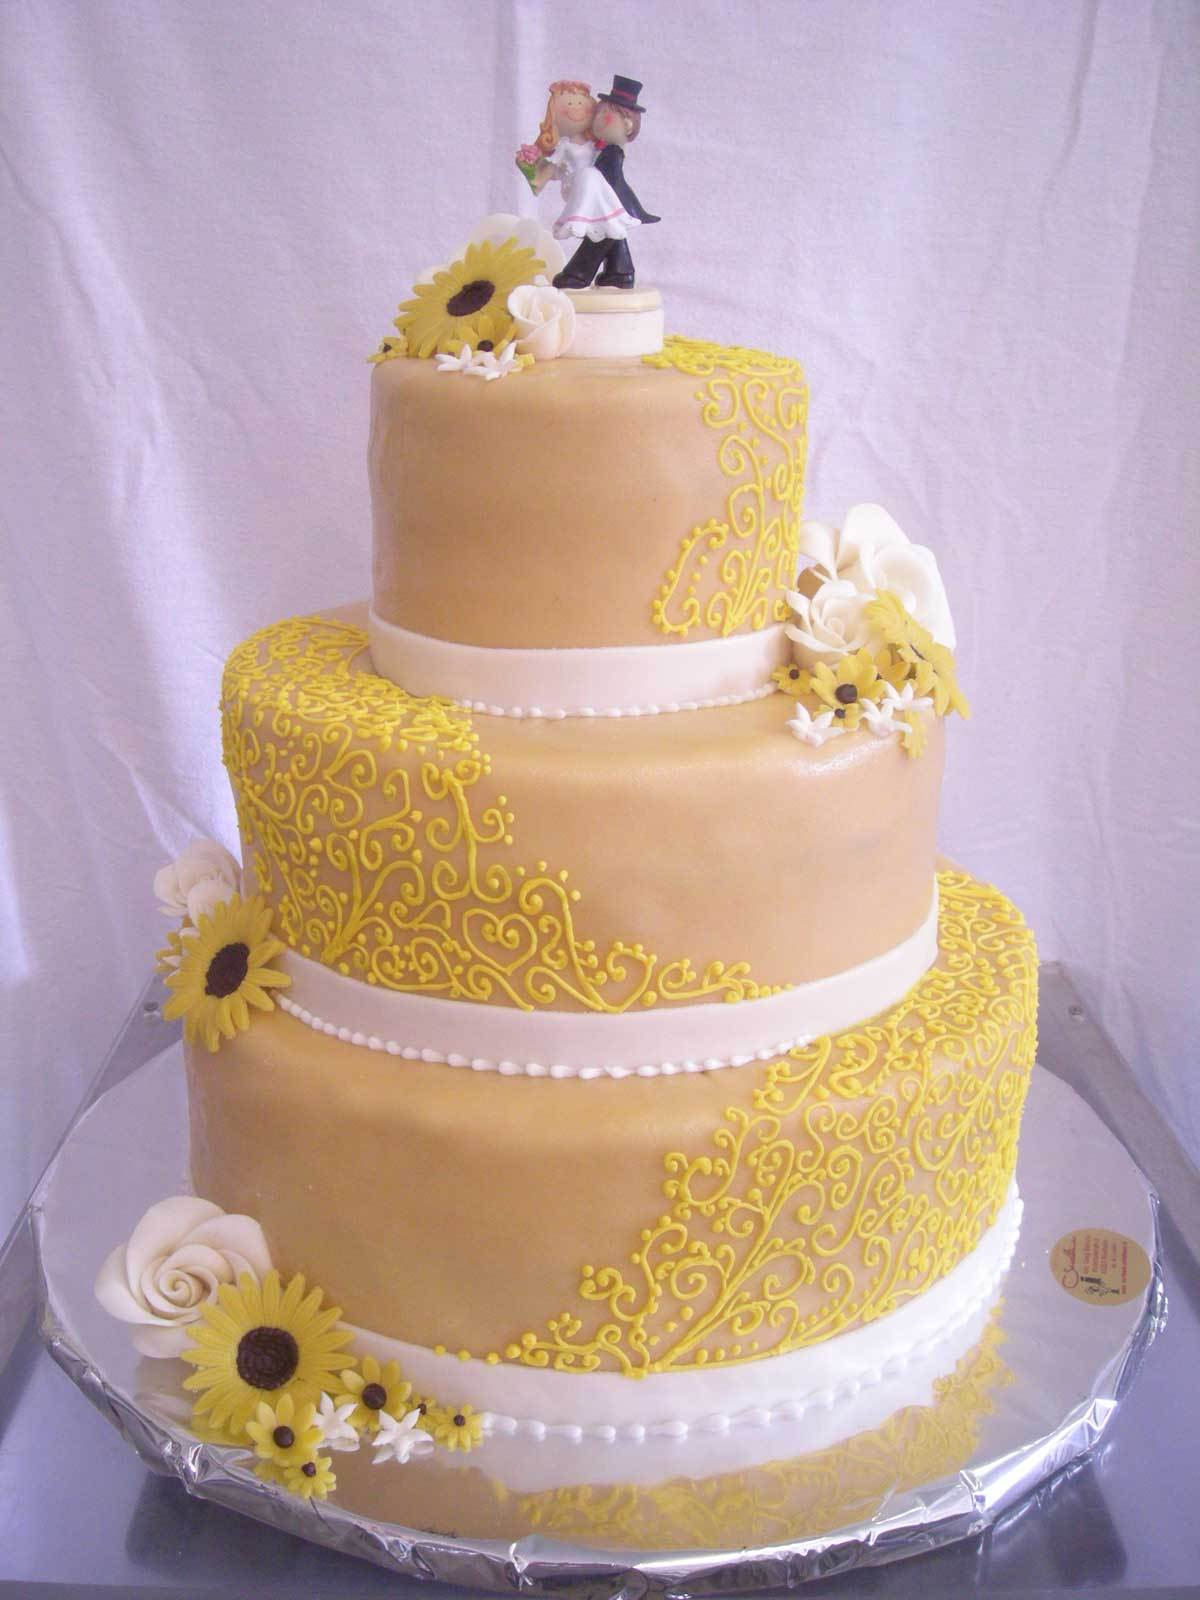 HochzeitsTorte Sonnenblumen auf Jade